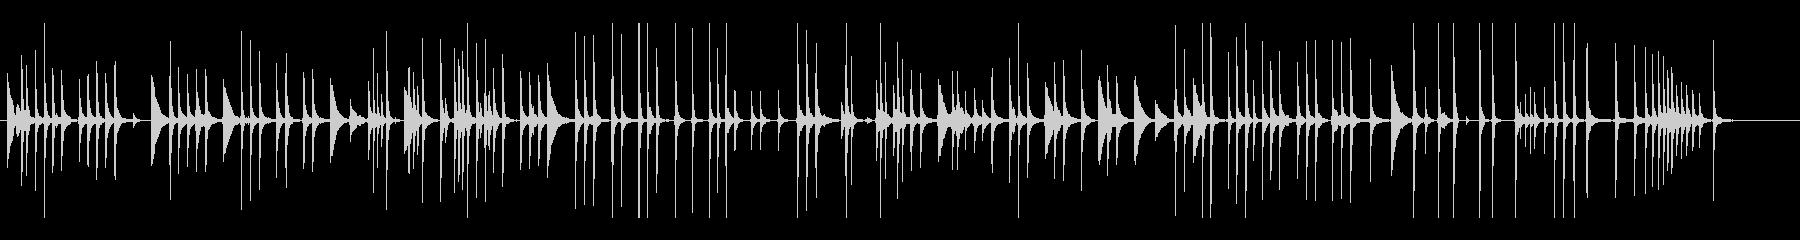 三味線226廓丹前5和風エロ湯女サウナ賑の未再生の波形